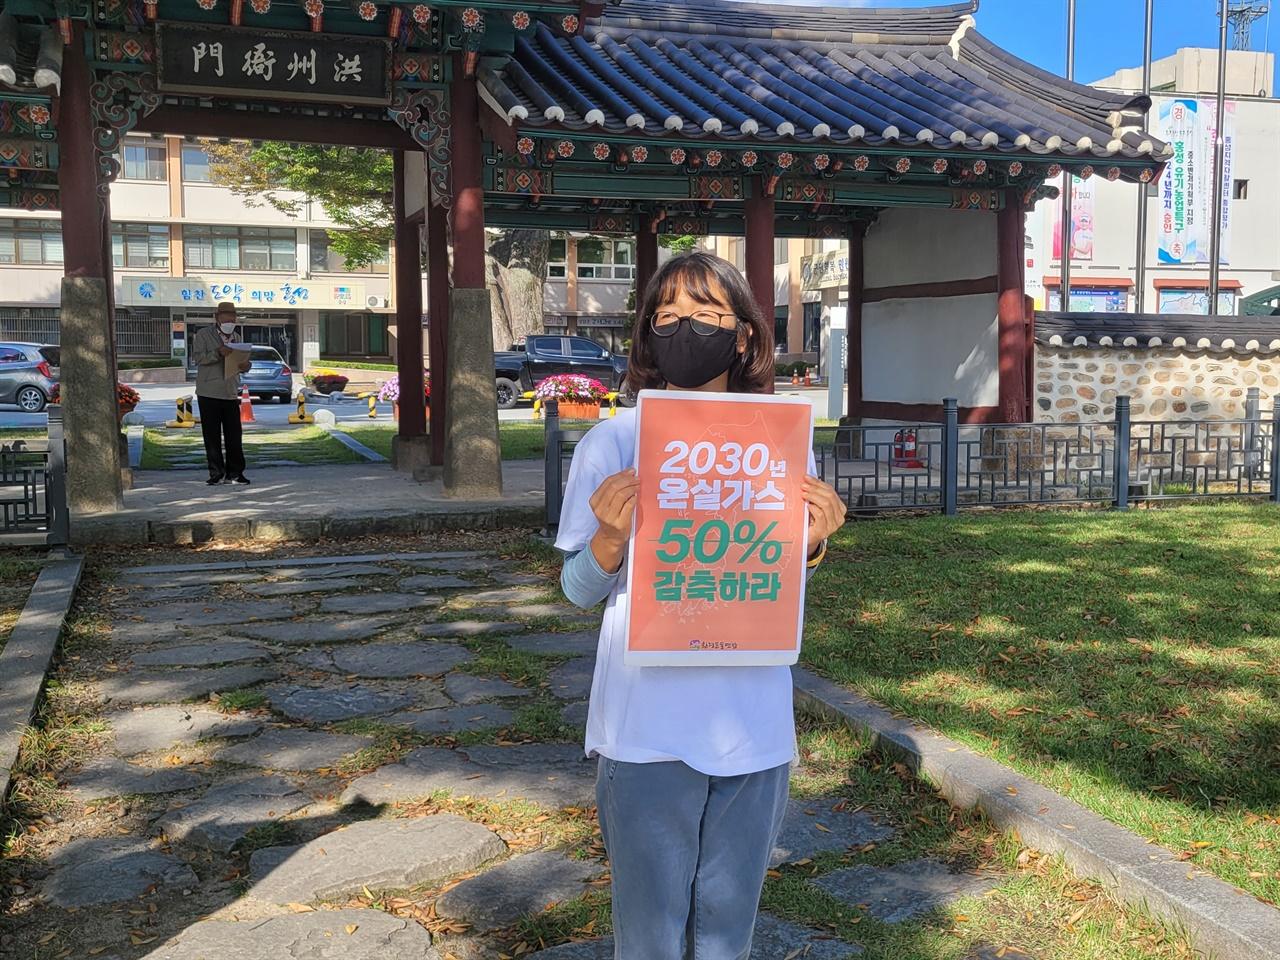 '2030년 온실가스 감축목표, 2018년 대비 50%로 상향'을 촉구하며 홍성예산환경운동연합은 14일 오전 홍성군청앞에서 1인 시위에 나섰다.